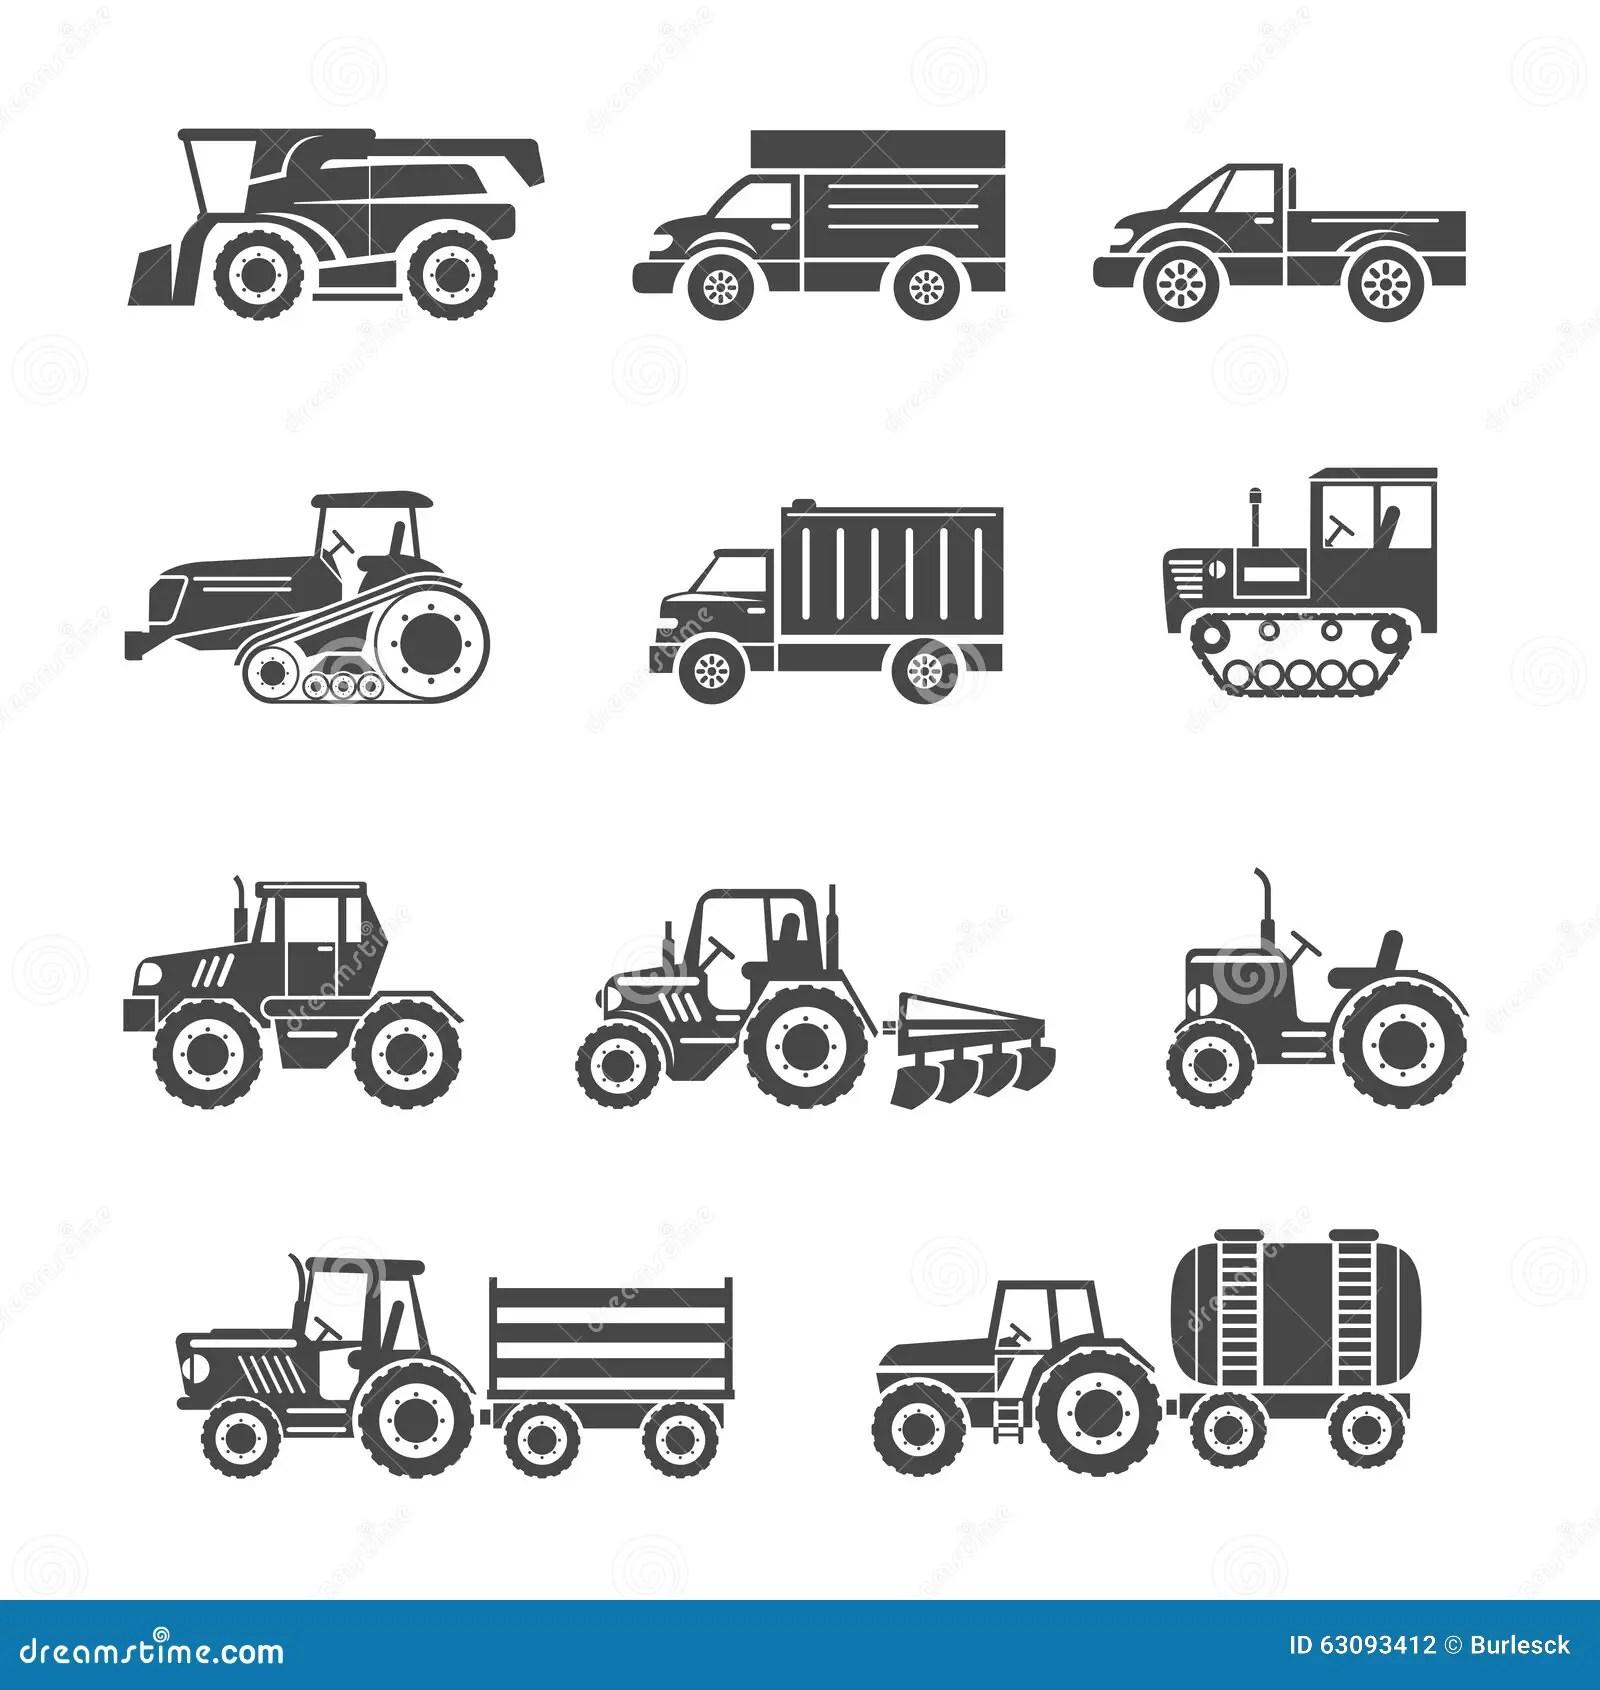 Icones De Machines Agricoles Illustration De Vecteur